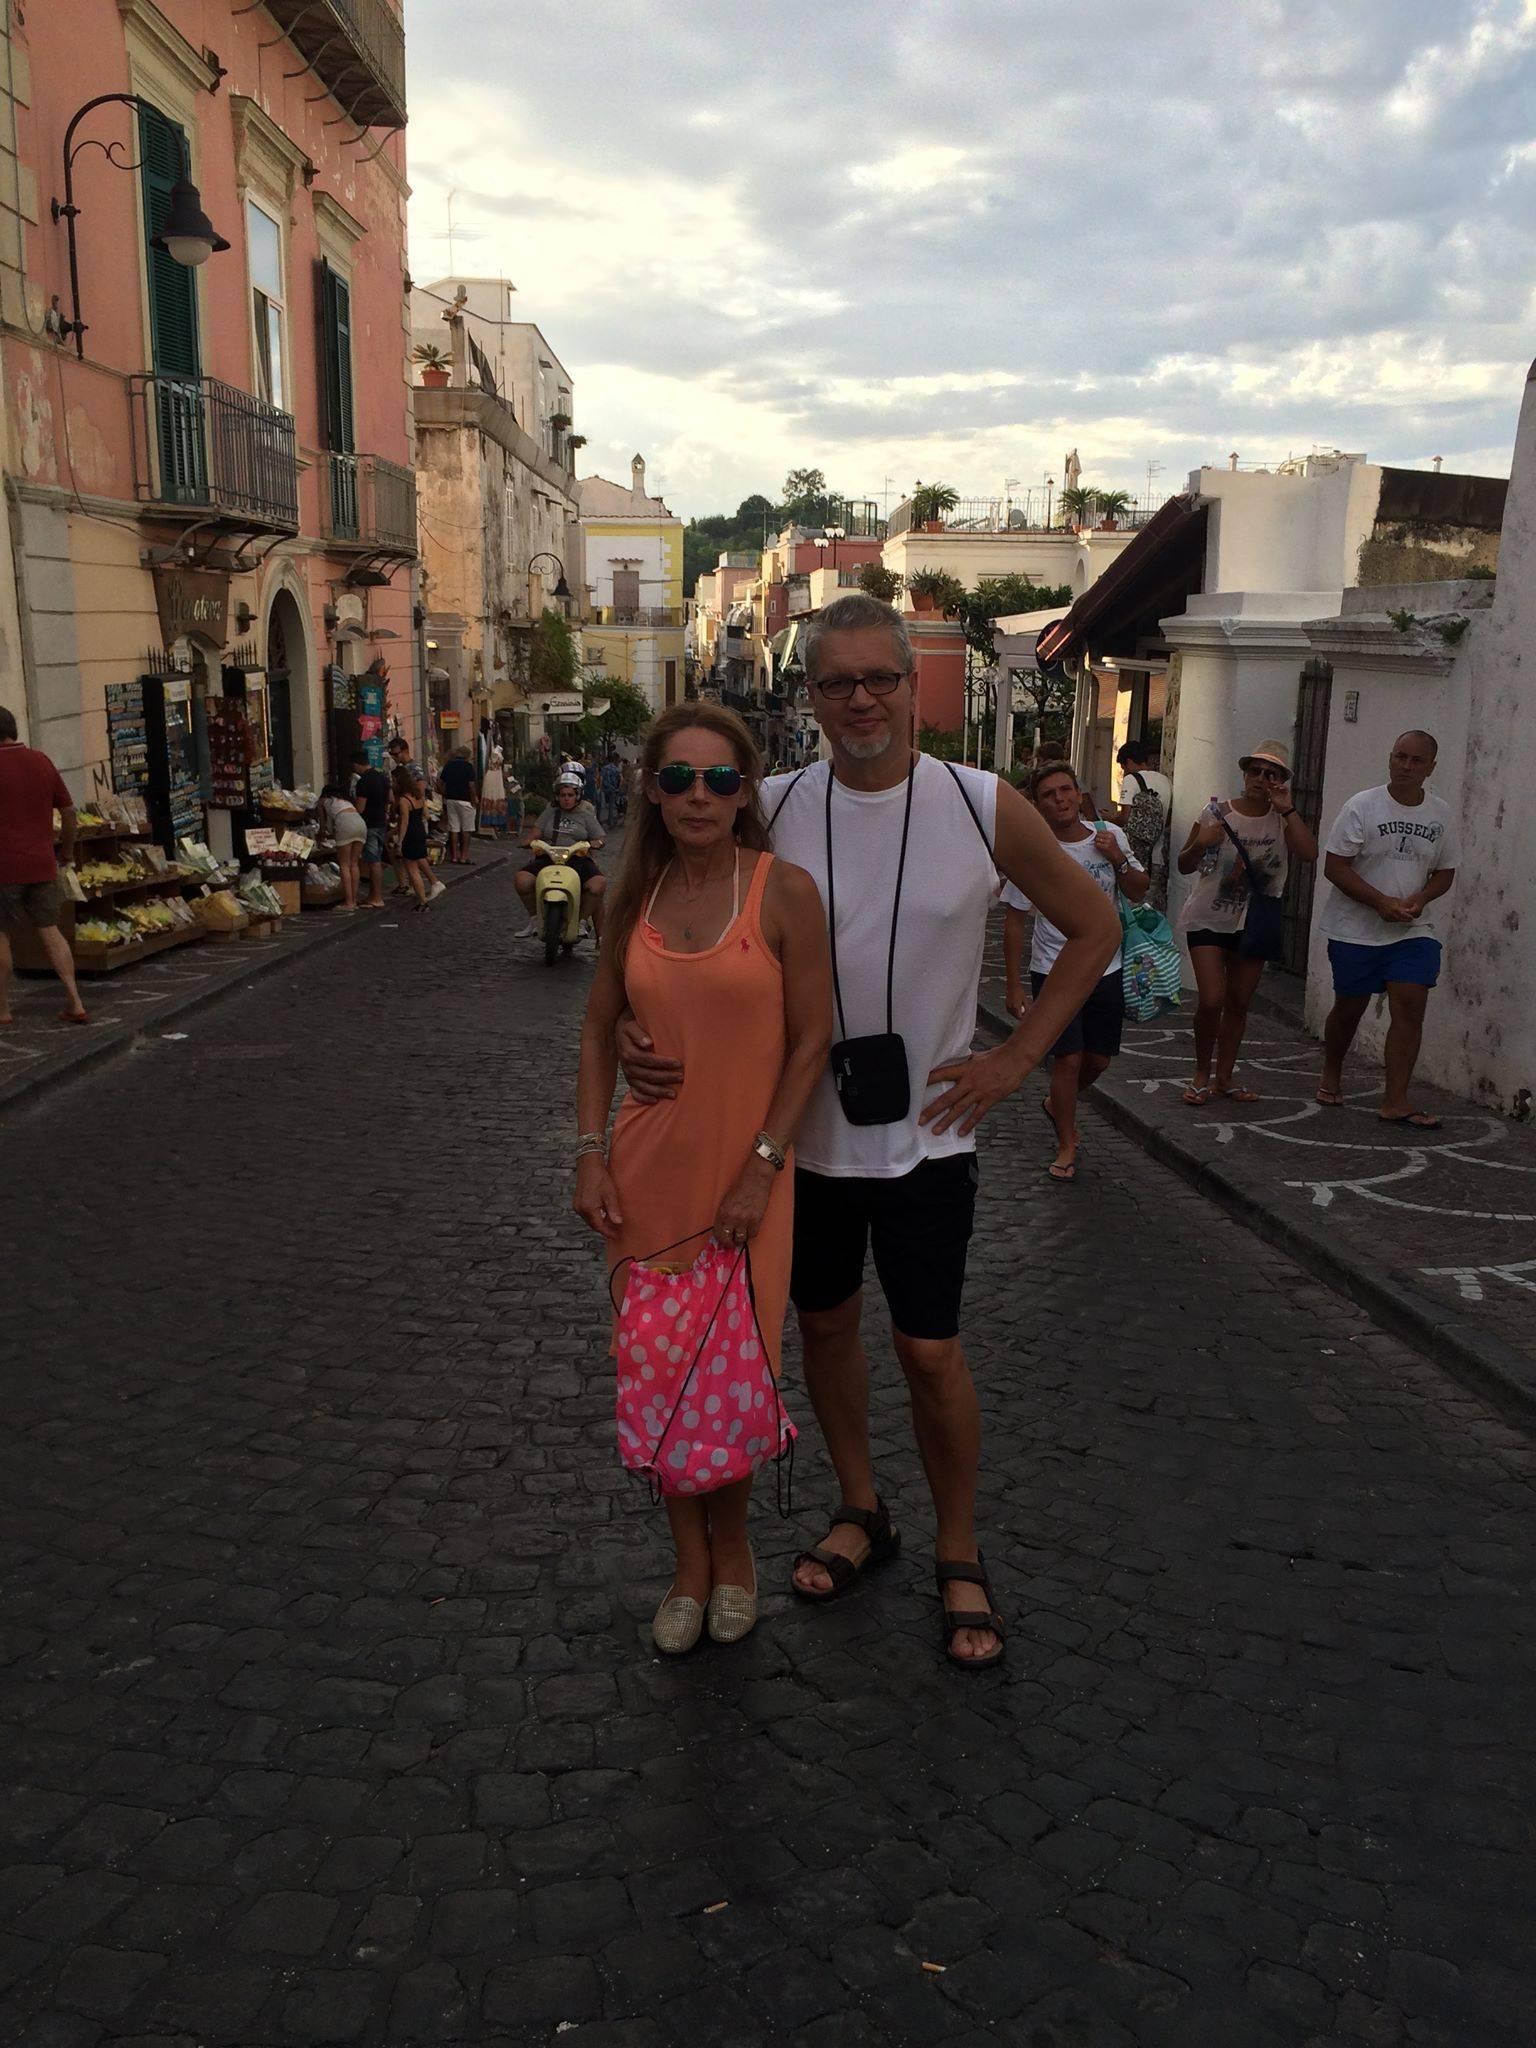 Ischia, Italy, 2015.